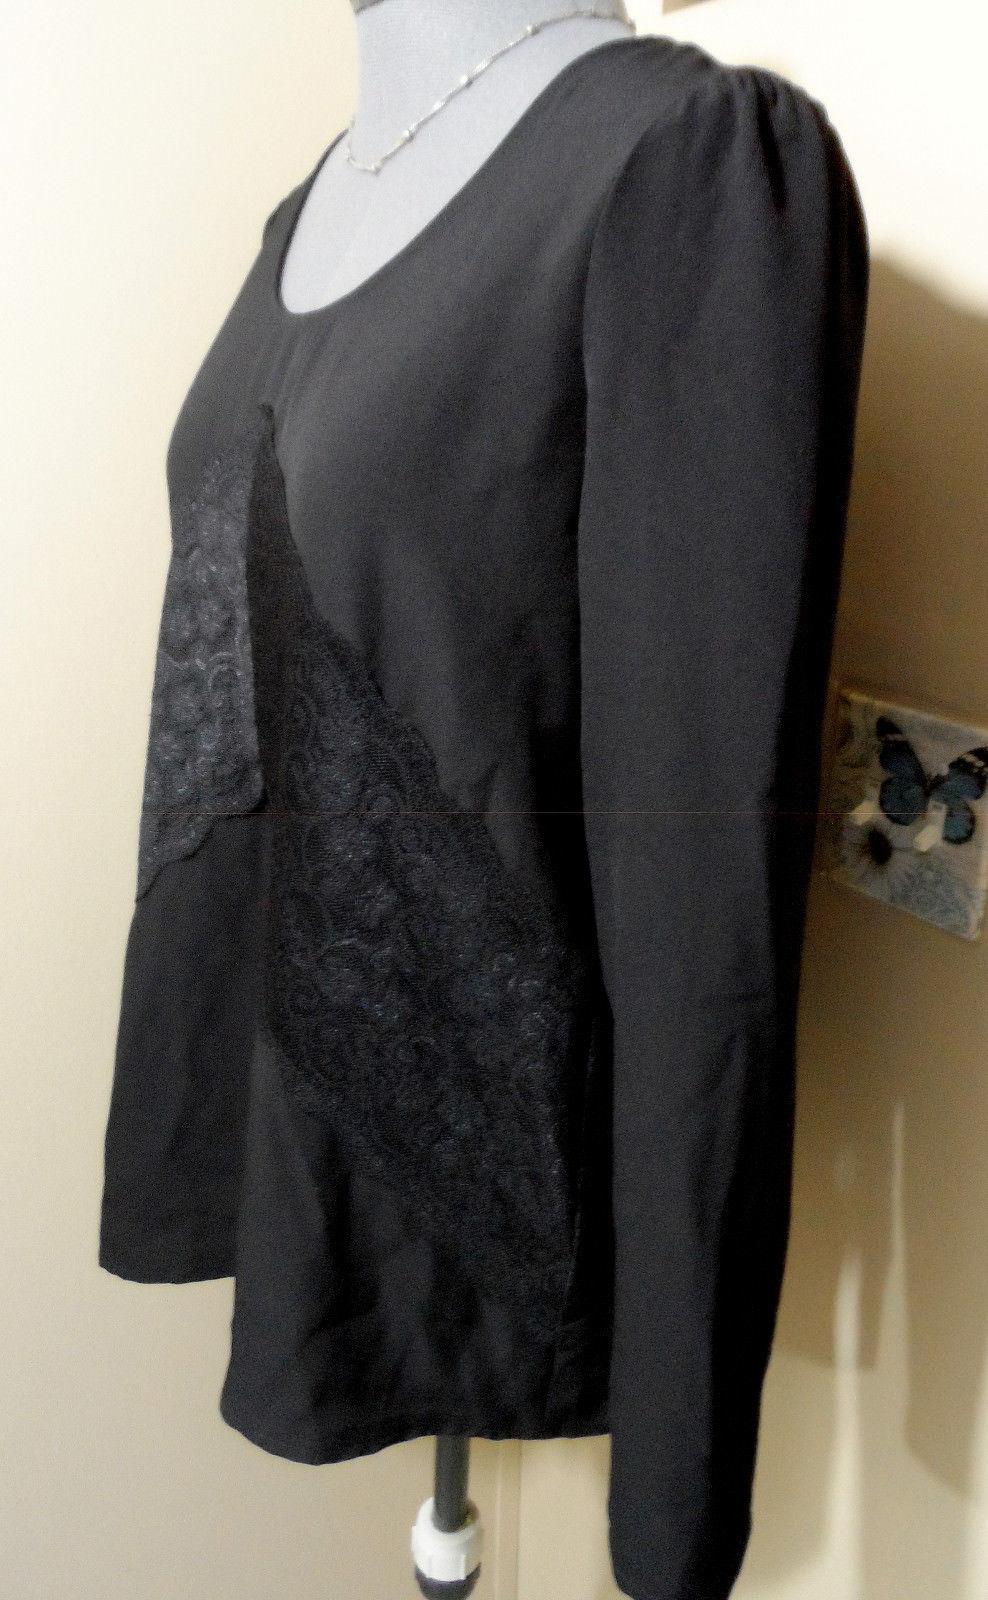 Nwt DE COLLECTION Lace Trim Blouse Top S Black Scoop neck Dressy shirt Long slv